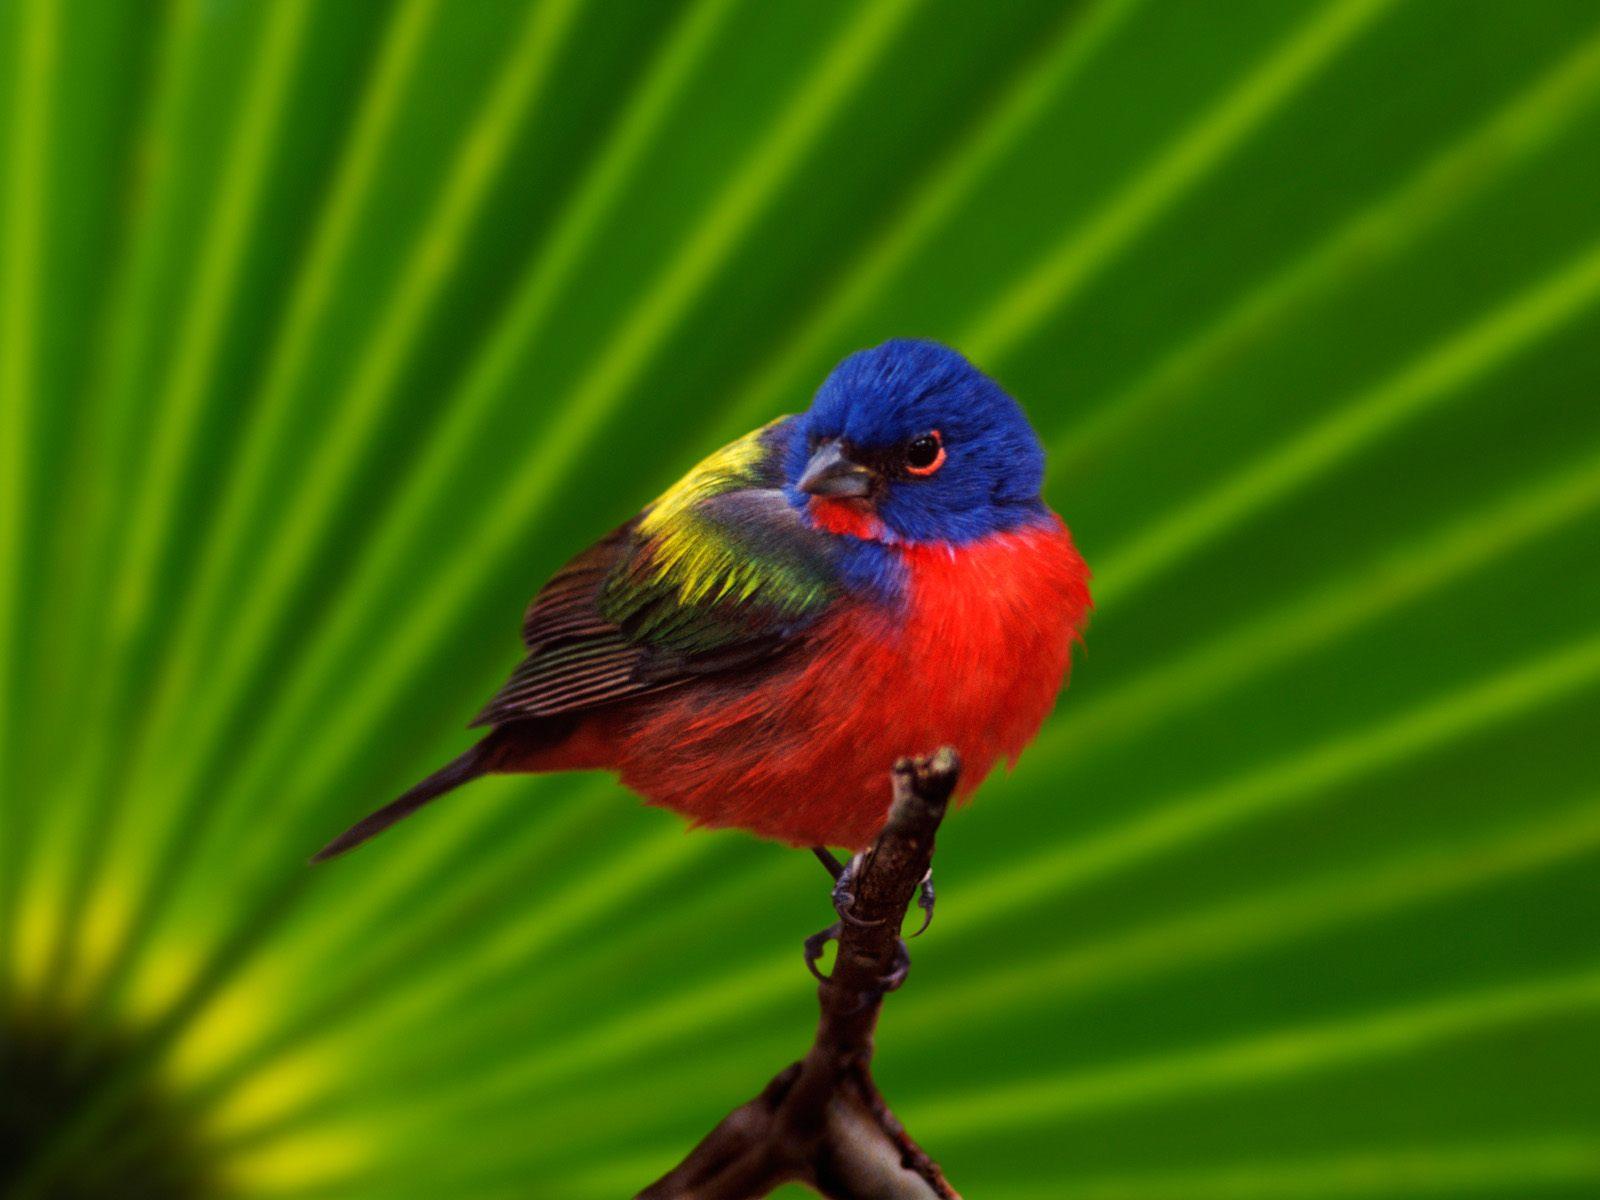 动物写真-鸟-设计欣赏-素材中国-online.sccnn.com